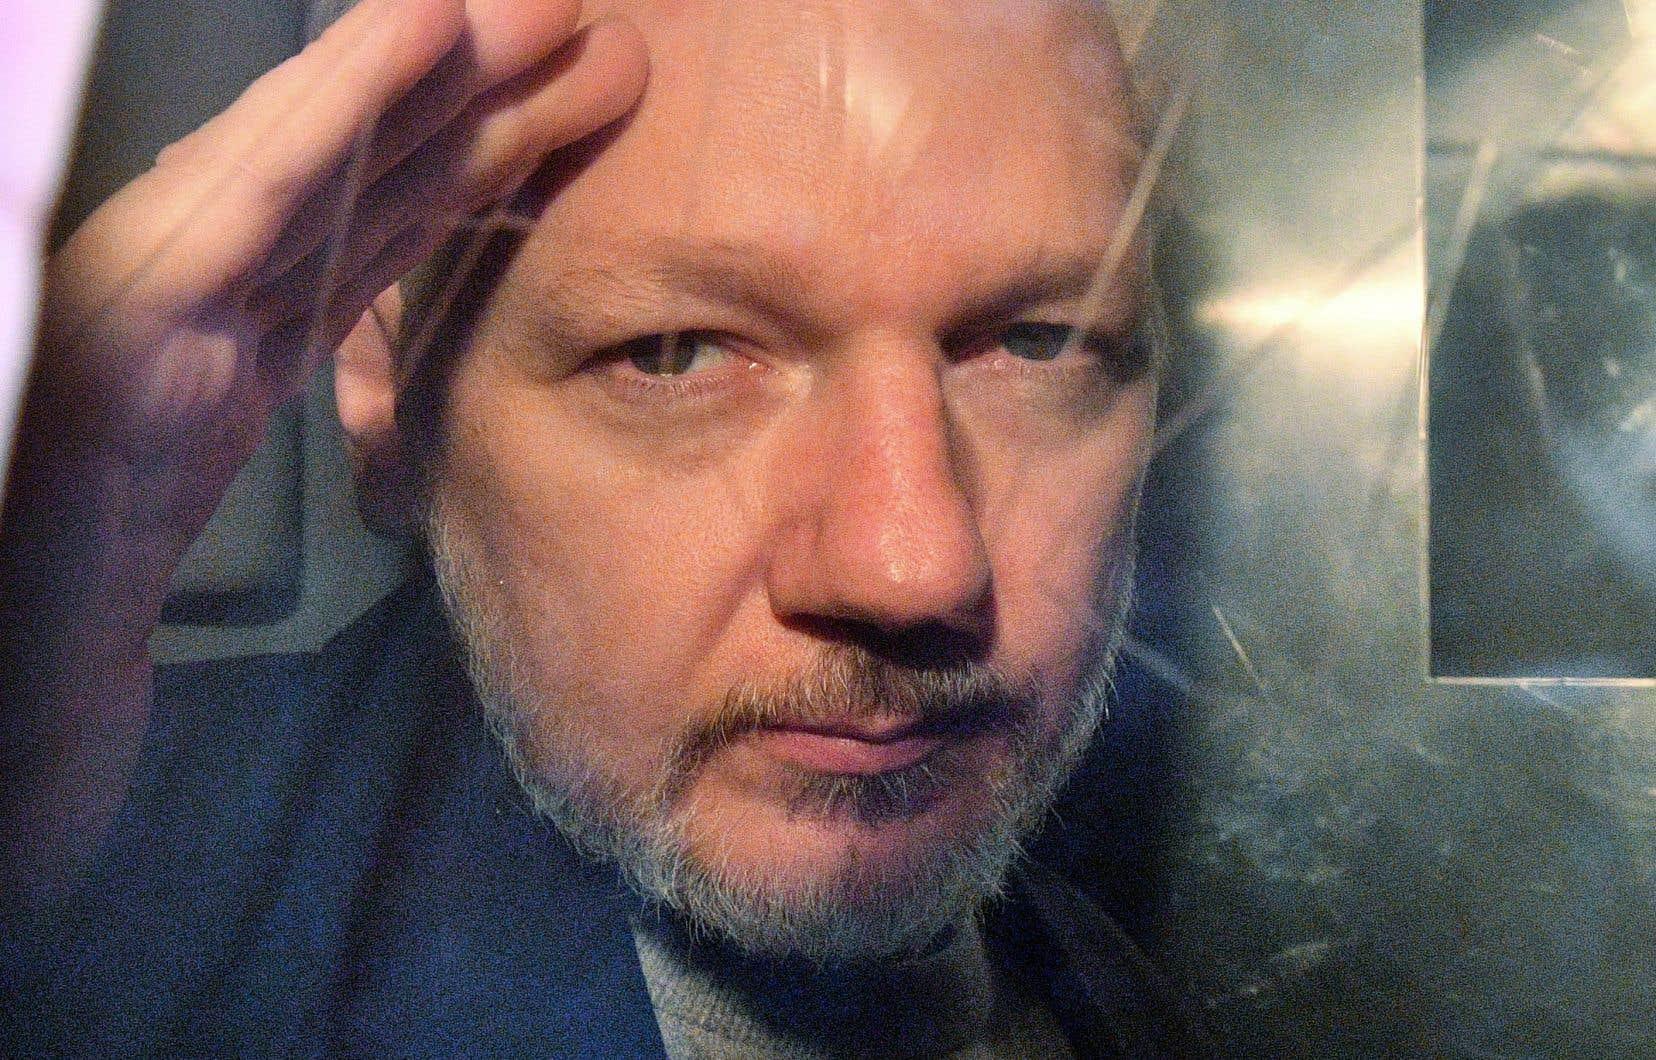 Julian Assange est poursuivi aux États-Unis pour avoir diffusé à partir de 2010 plus de 700000 documents classifiés sur les activités militaires et diplomatiques américaines.